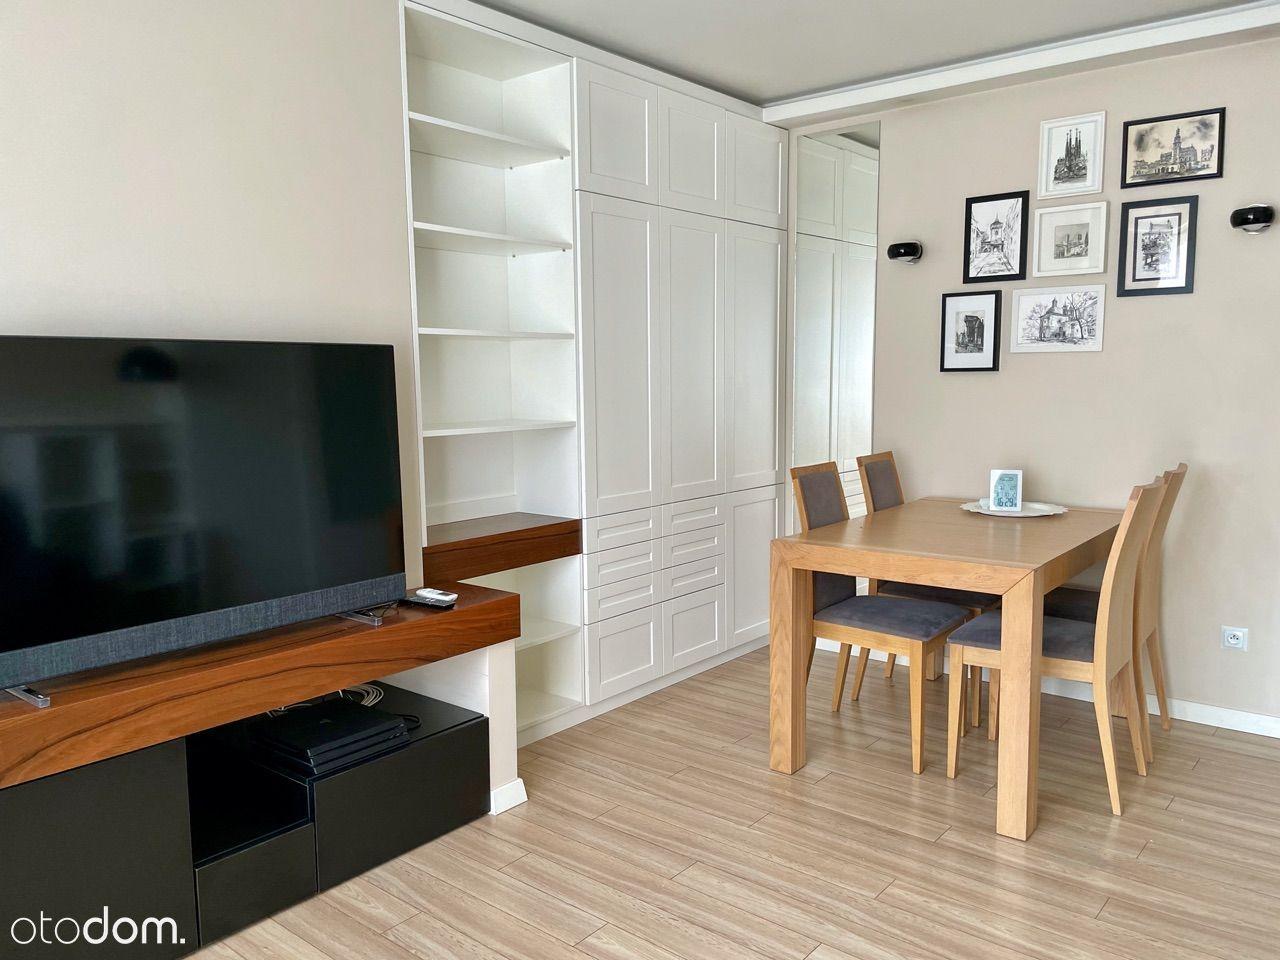 Mieszkanie 2 pokojowe, 51,6 m2, Kraków ul. Obozowa